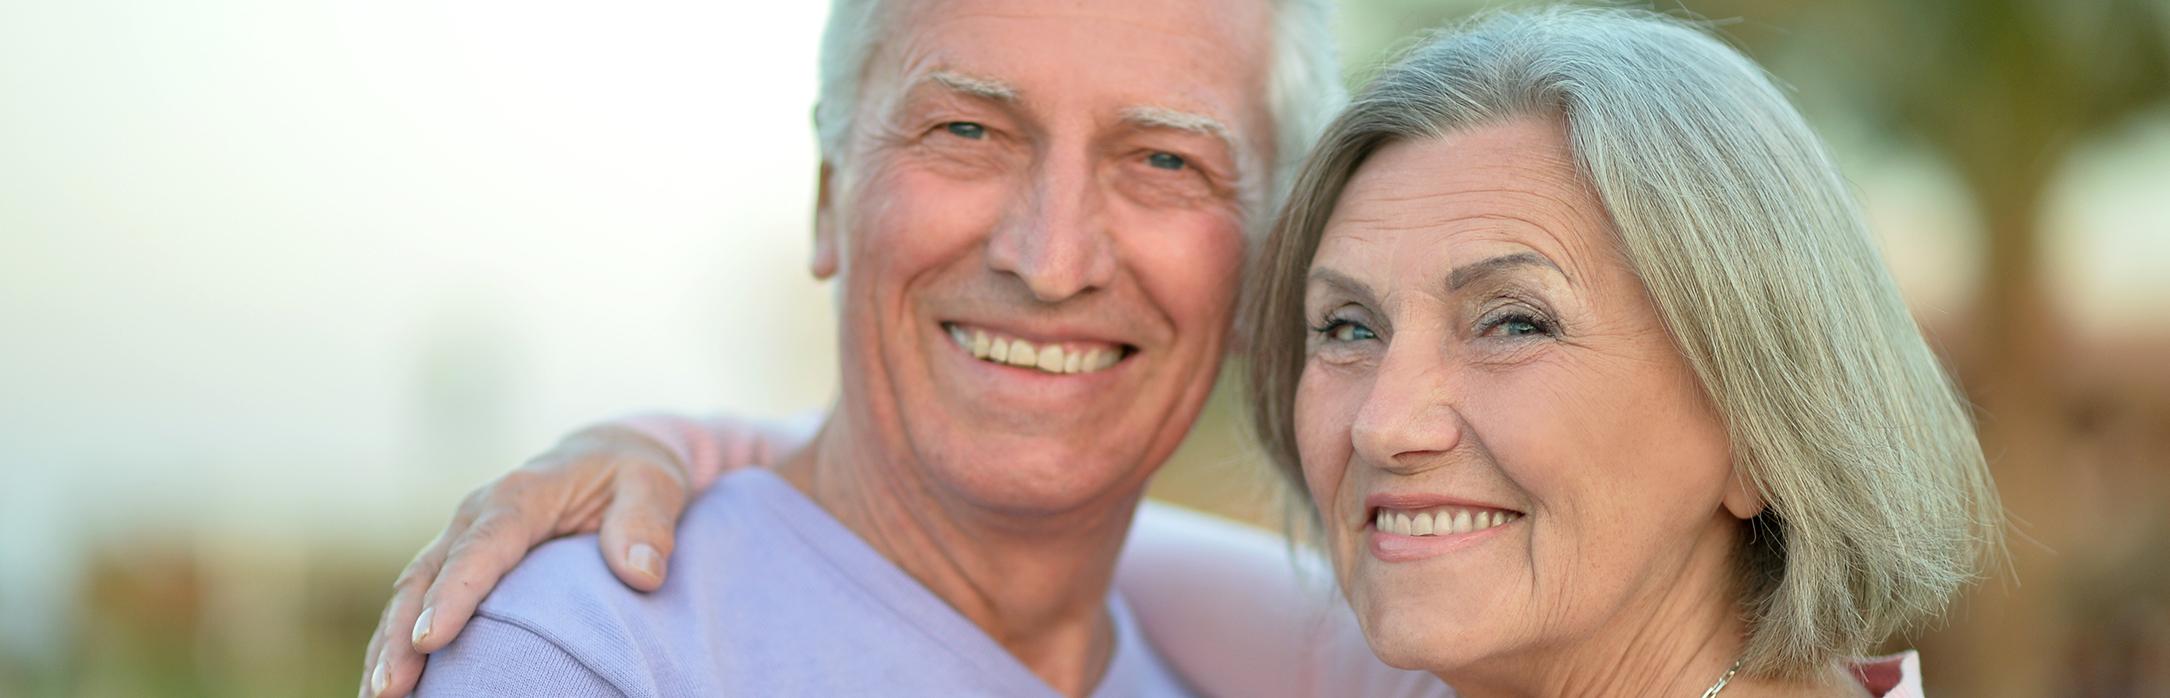 Kad svi zubi nestanu – totalna proteza